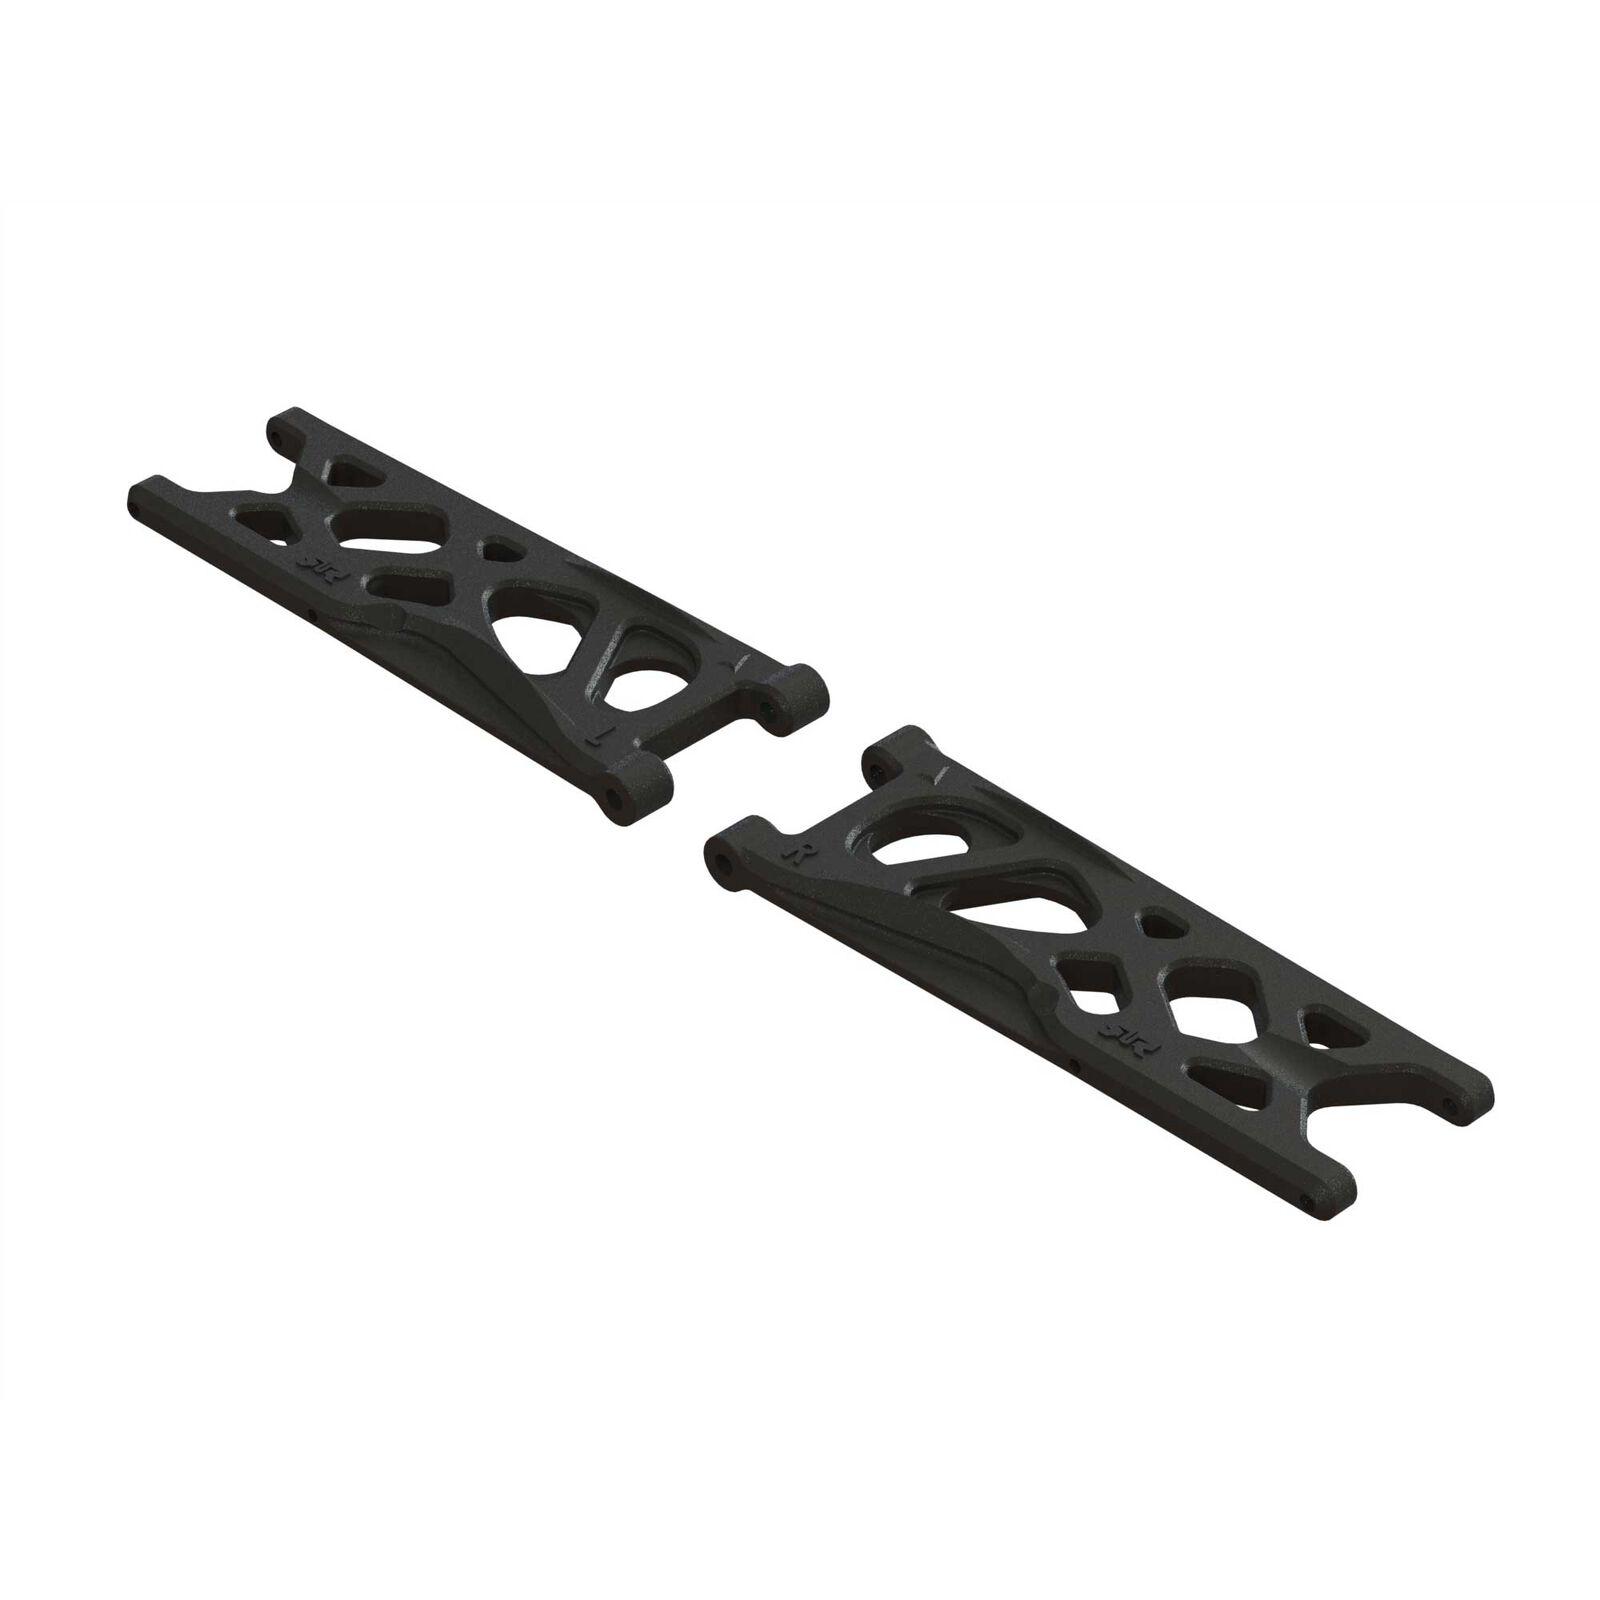 Rear Suspension Arms: (1pr)